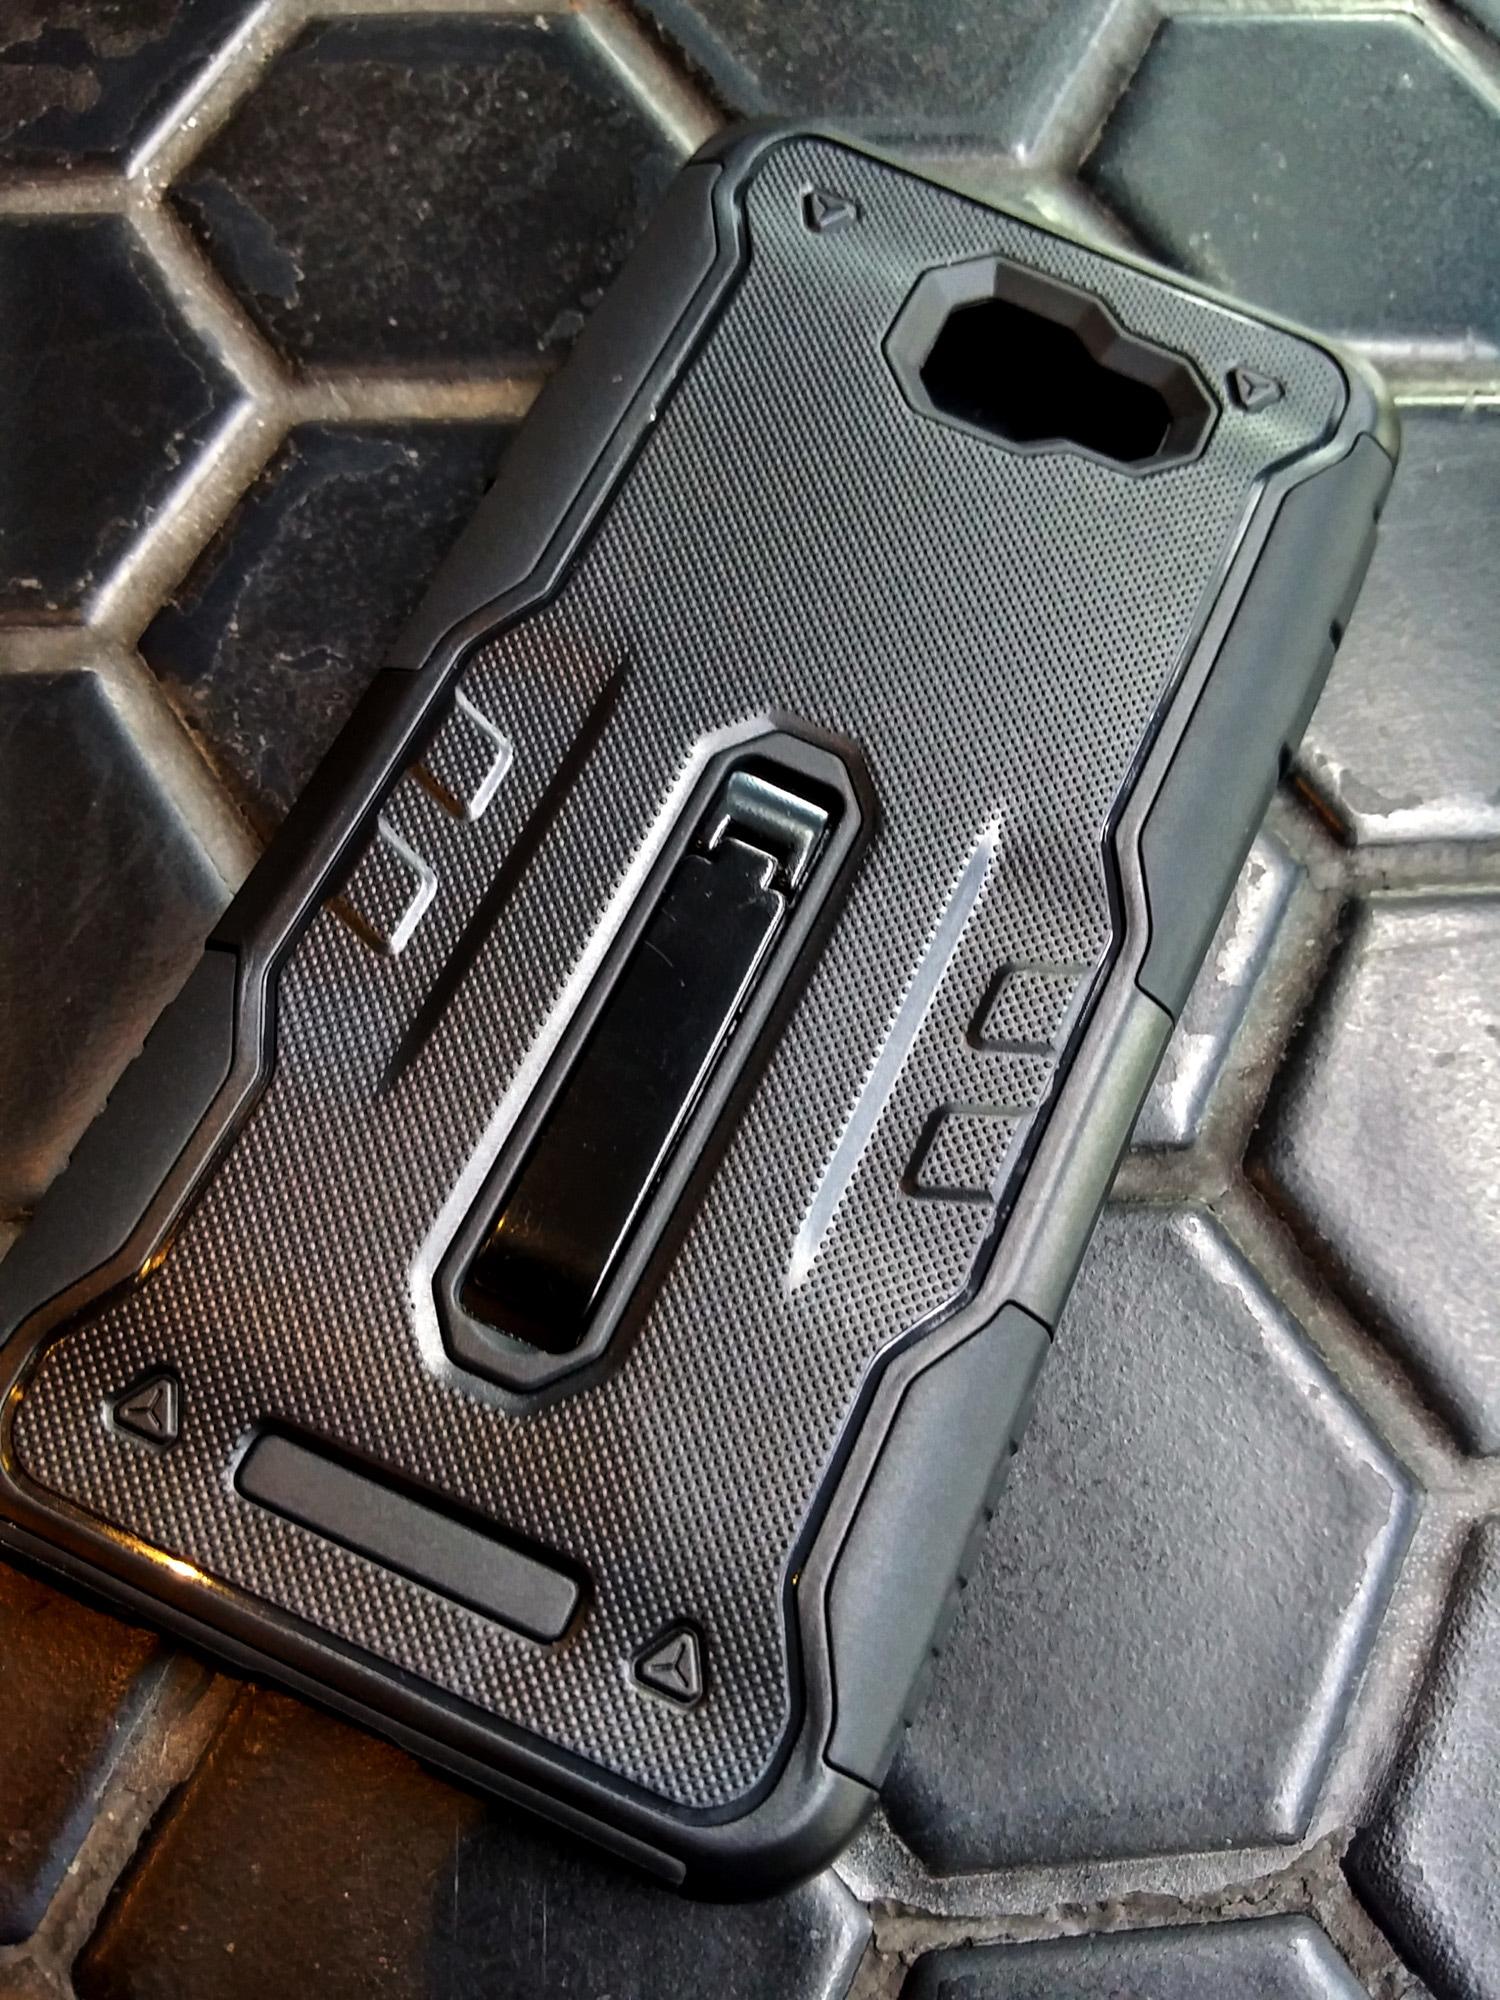 Samsung A5 2017 Belt Holster DMG Protective Armor Case Shockproof